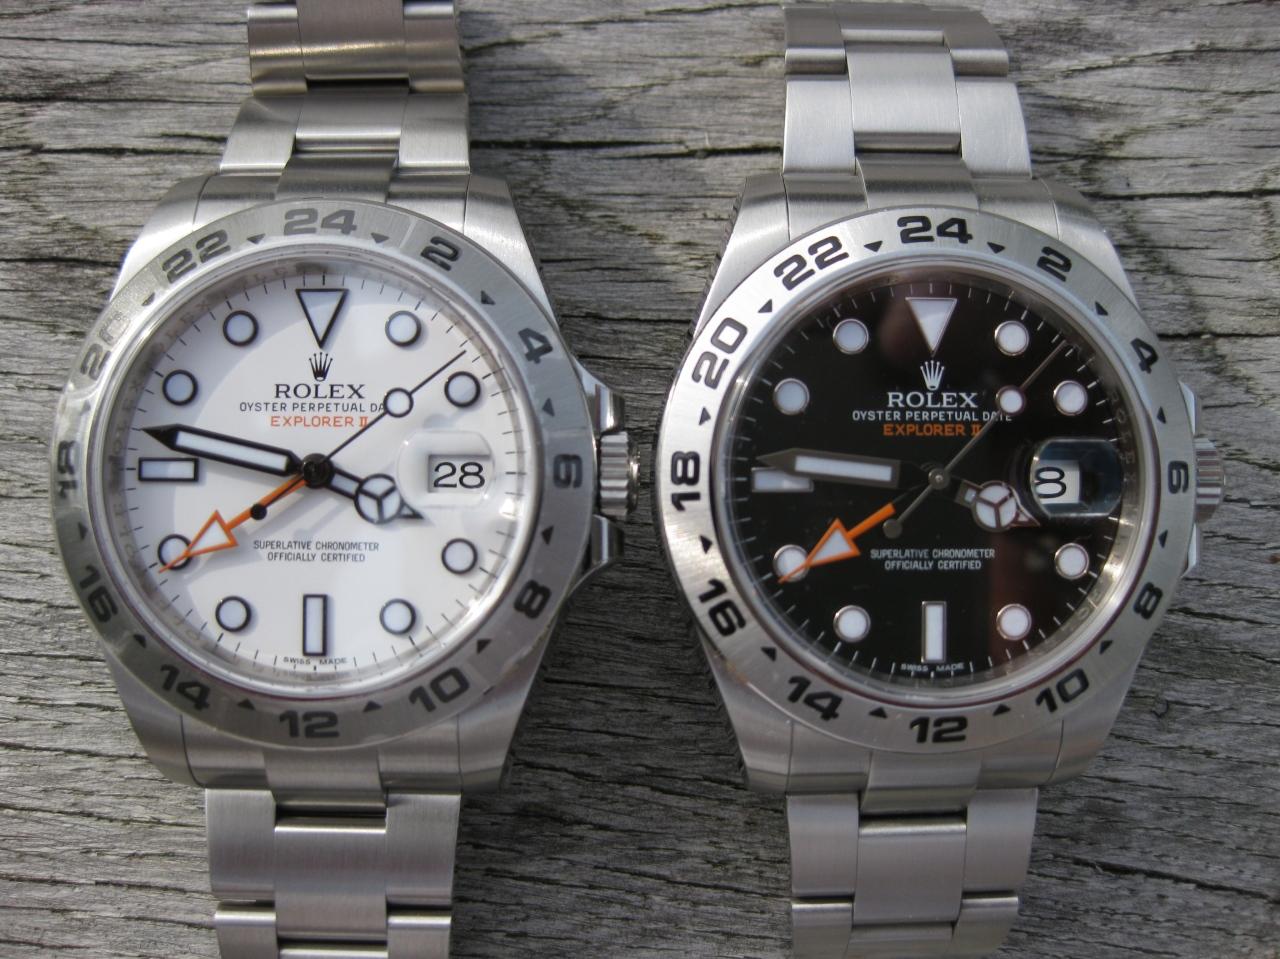 Schwarz / Weiß – die Explorer IIZwillinge